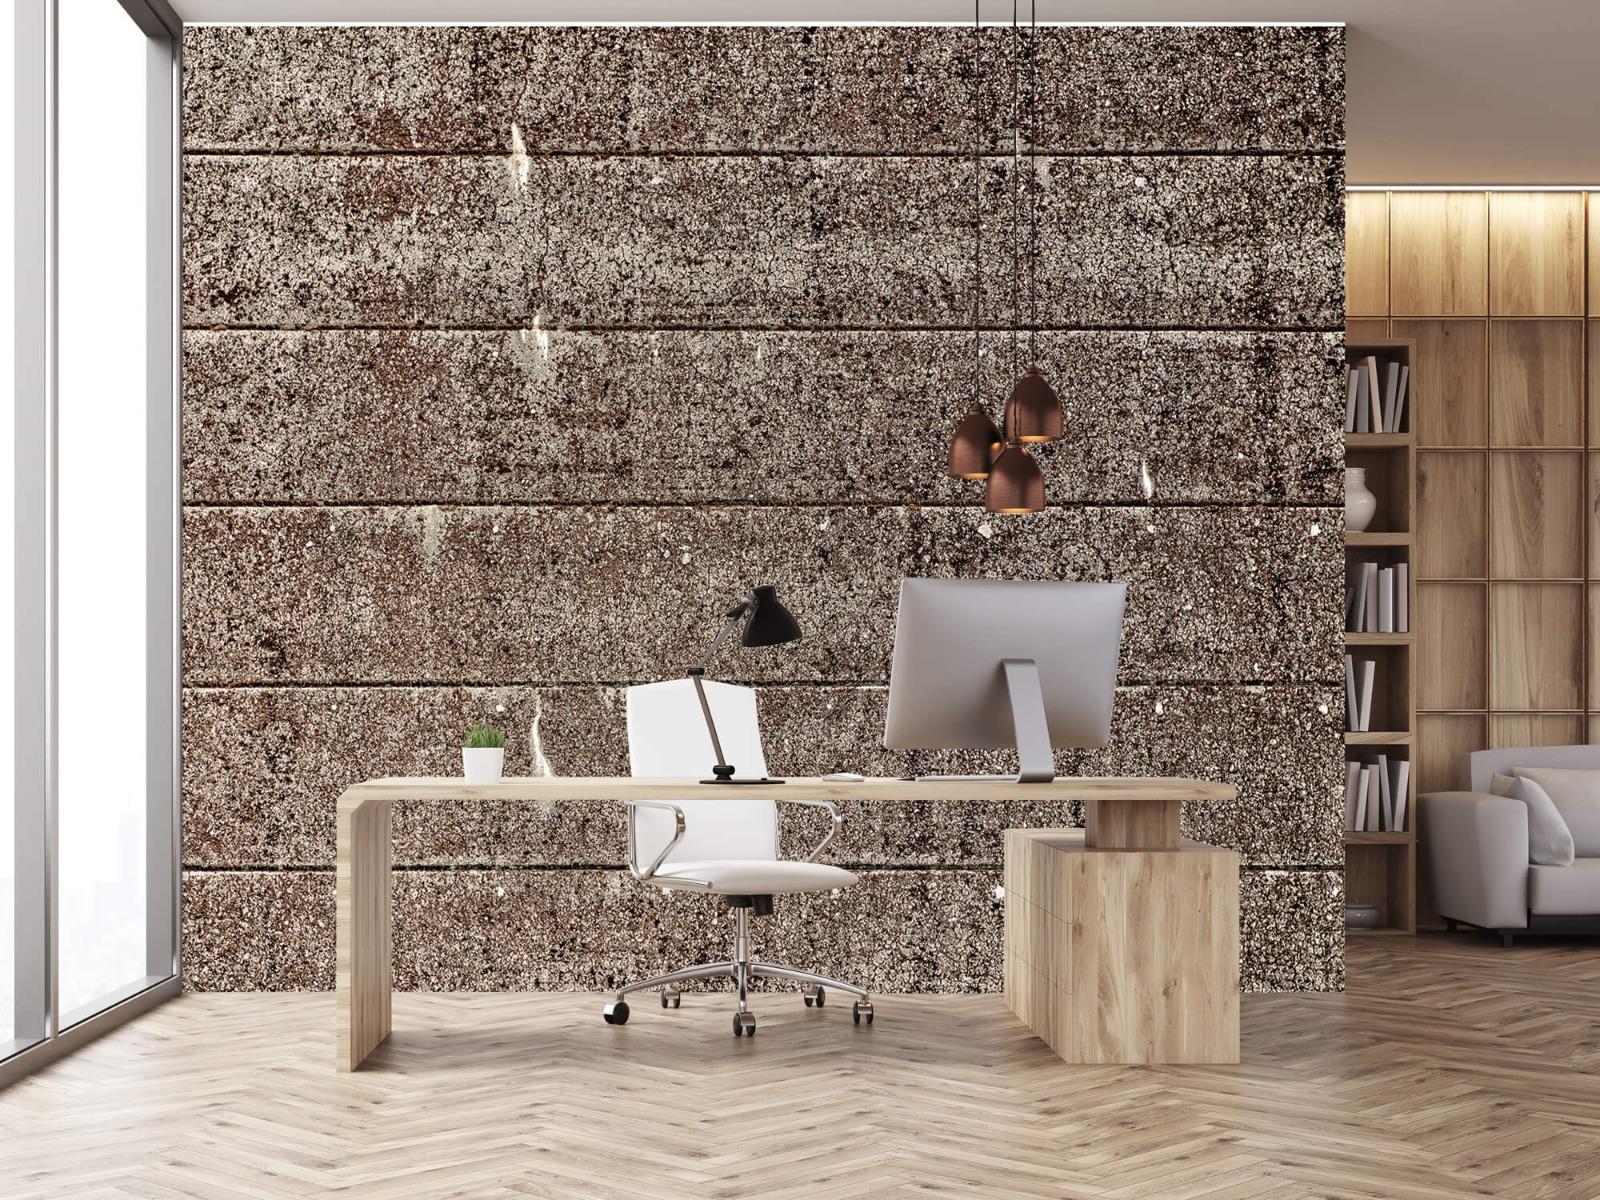 Steen behang - Oude betonnen damwand - Tienerkamer 23